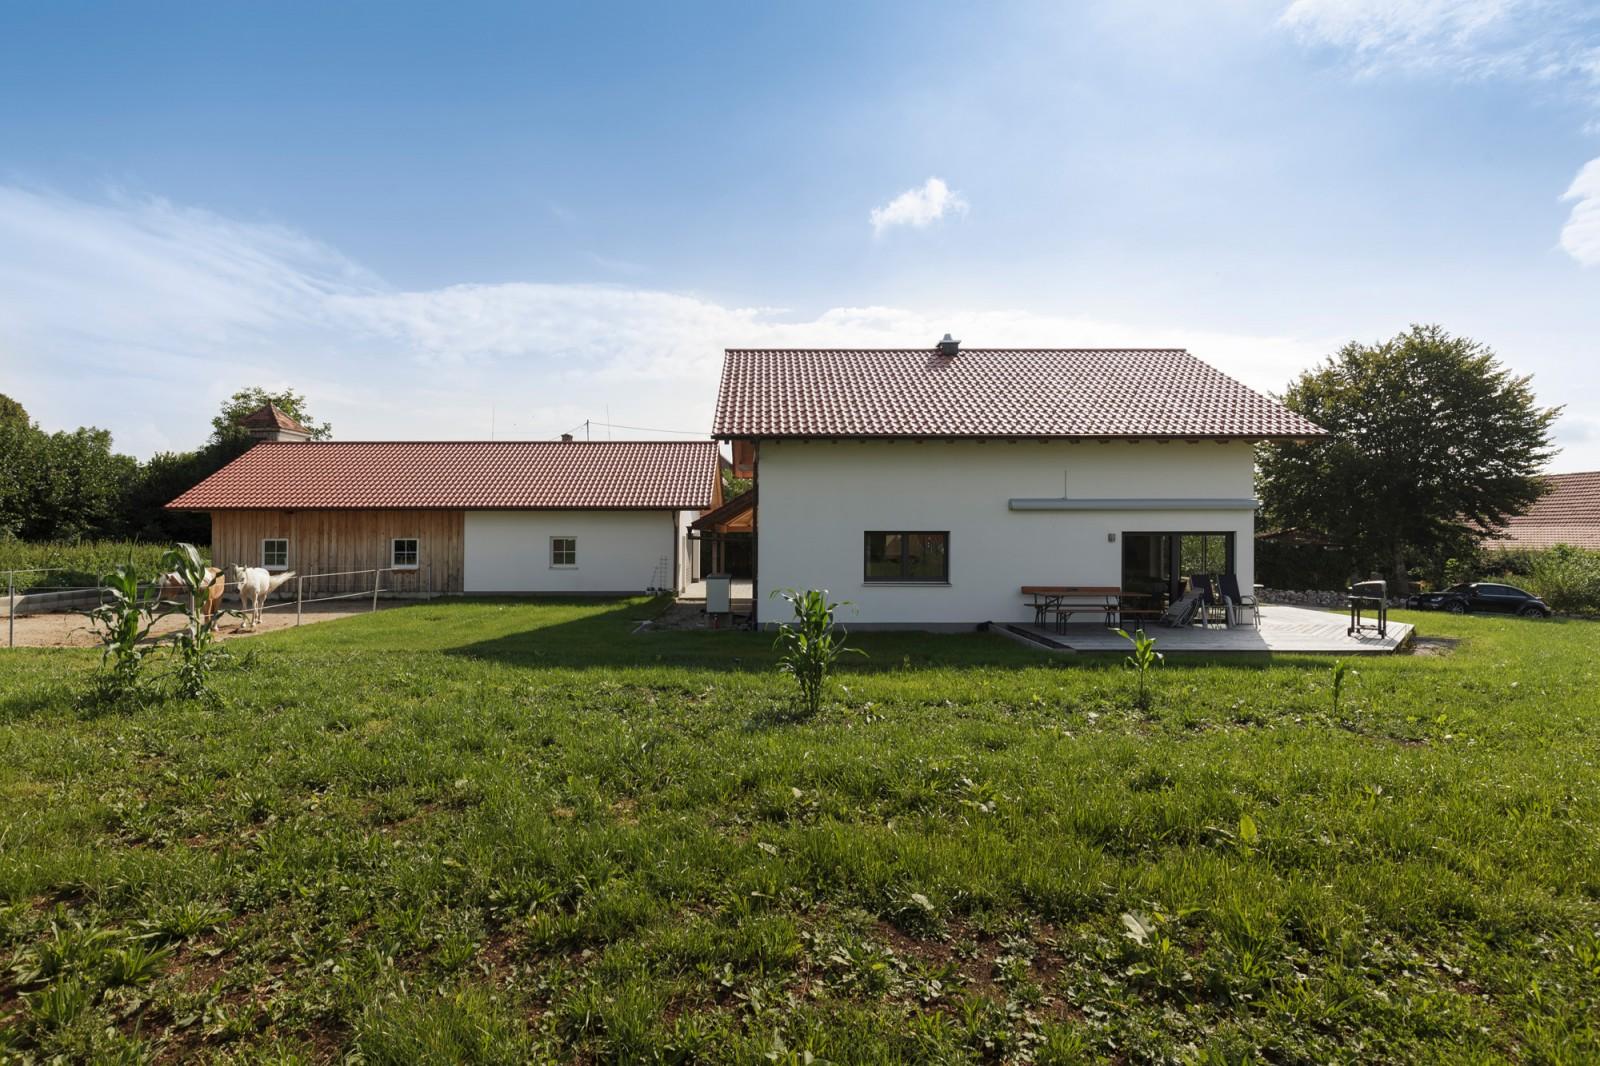 Einfamilienhaus mit einer Massiv-Holz-Mauer